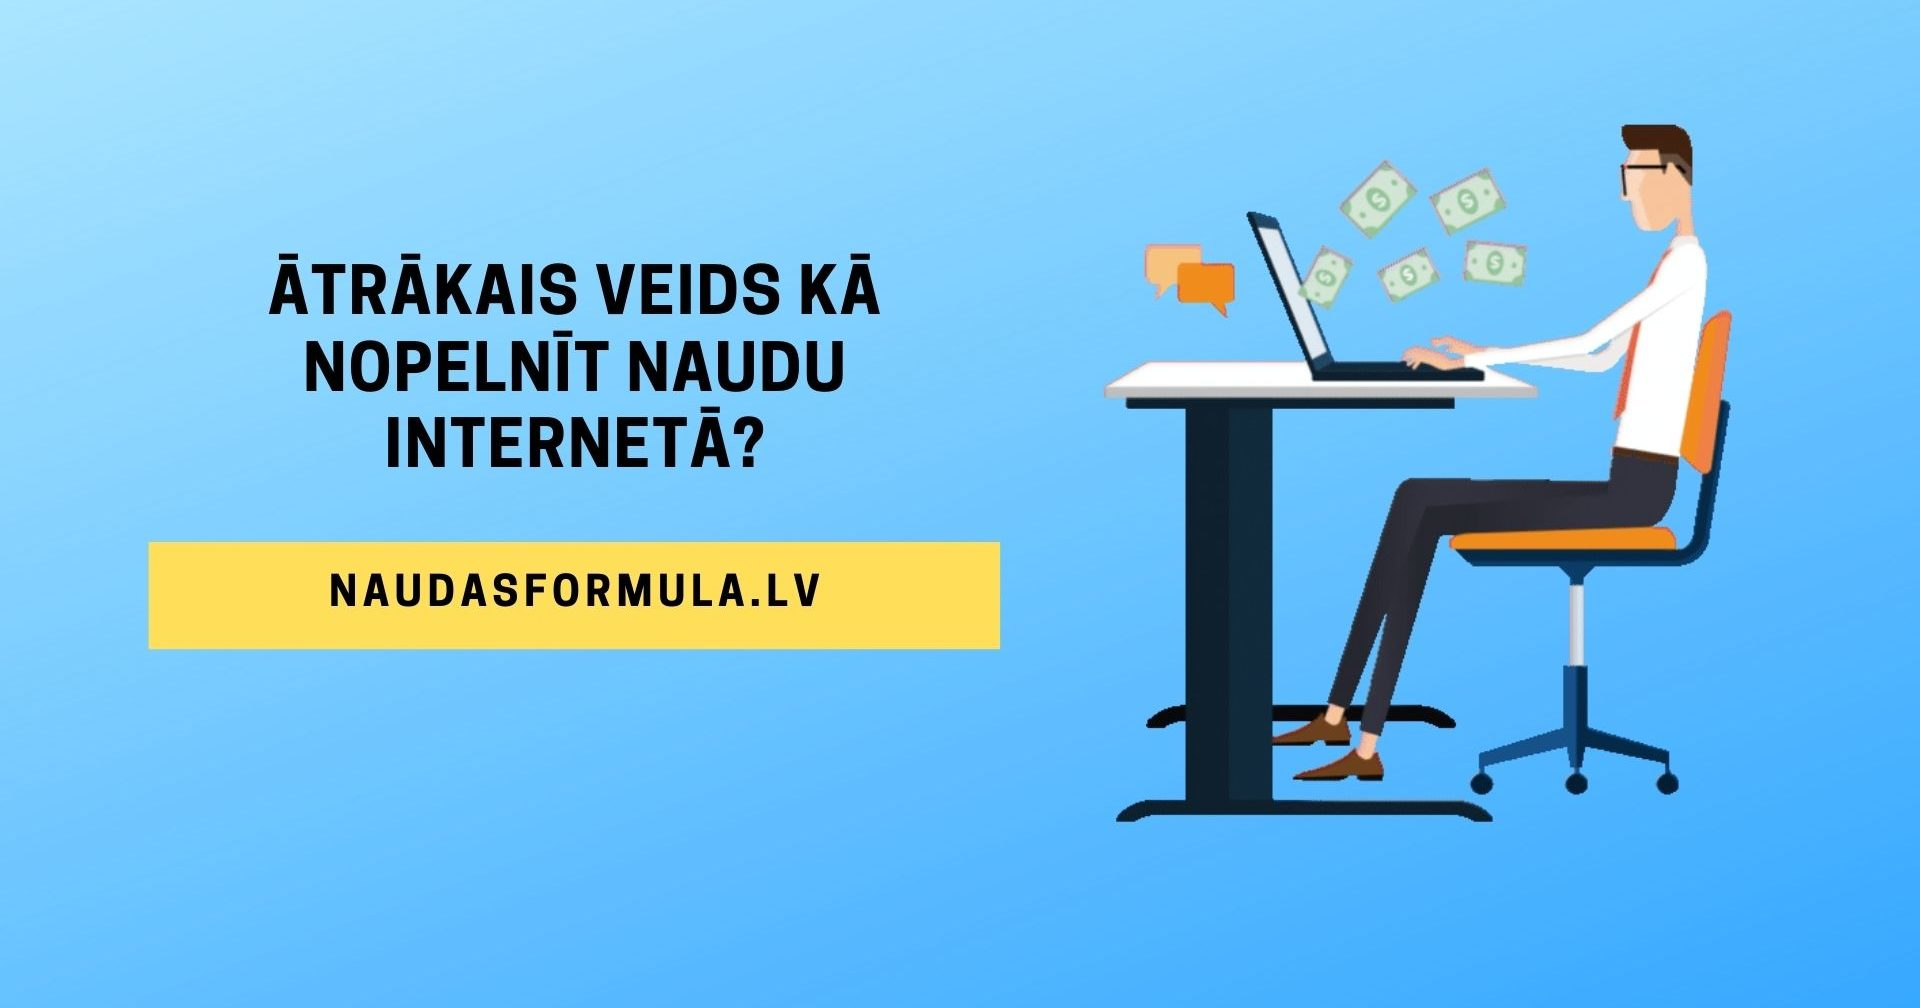 Reāli veidi kā ātri nopelnīt naudu tiešsaistē, vislielākās izredzes jums...